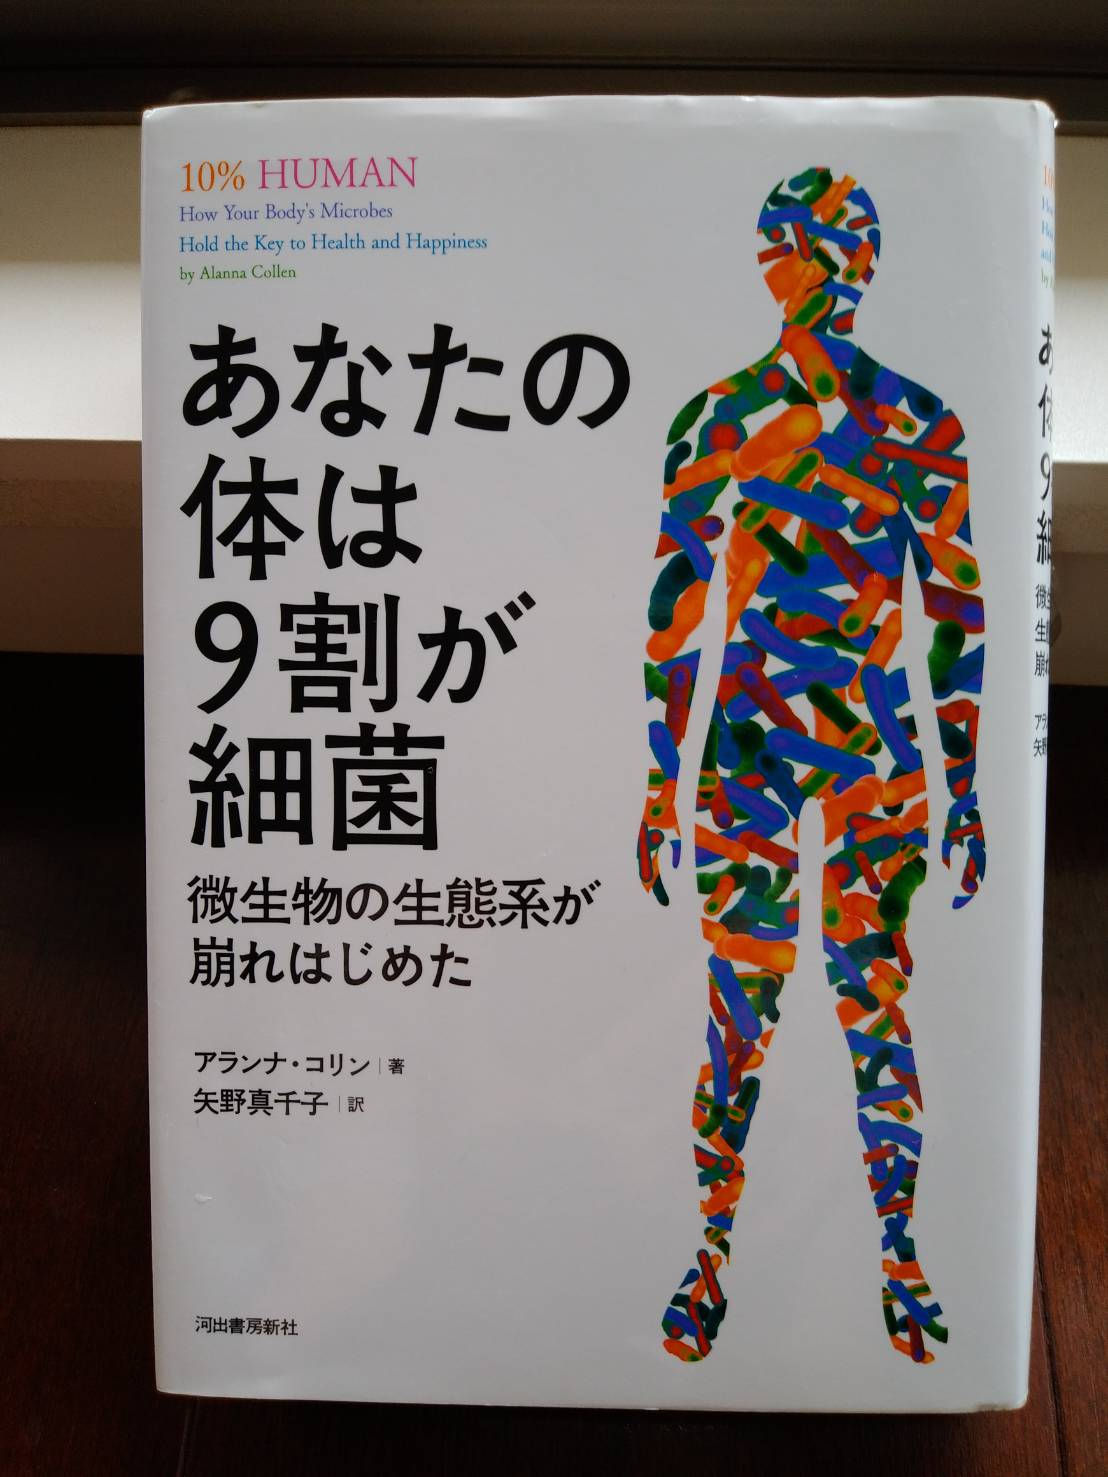 「「あなたの体は9割が細菌」」の写真